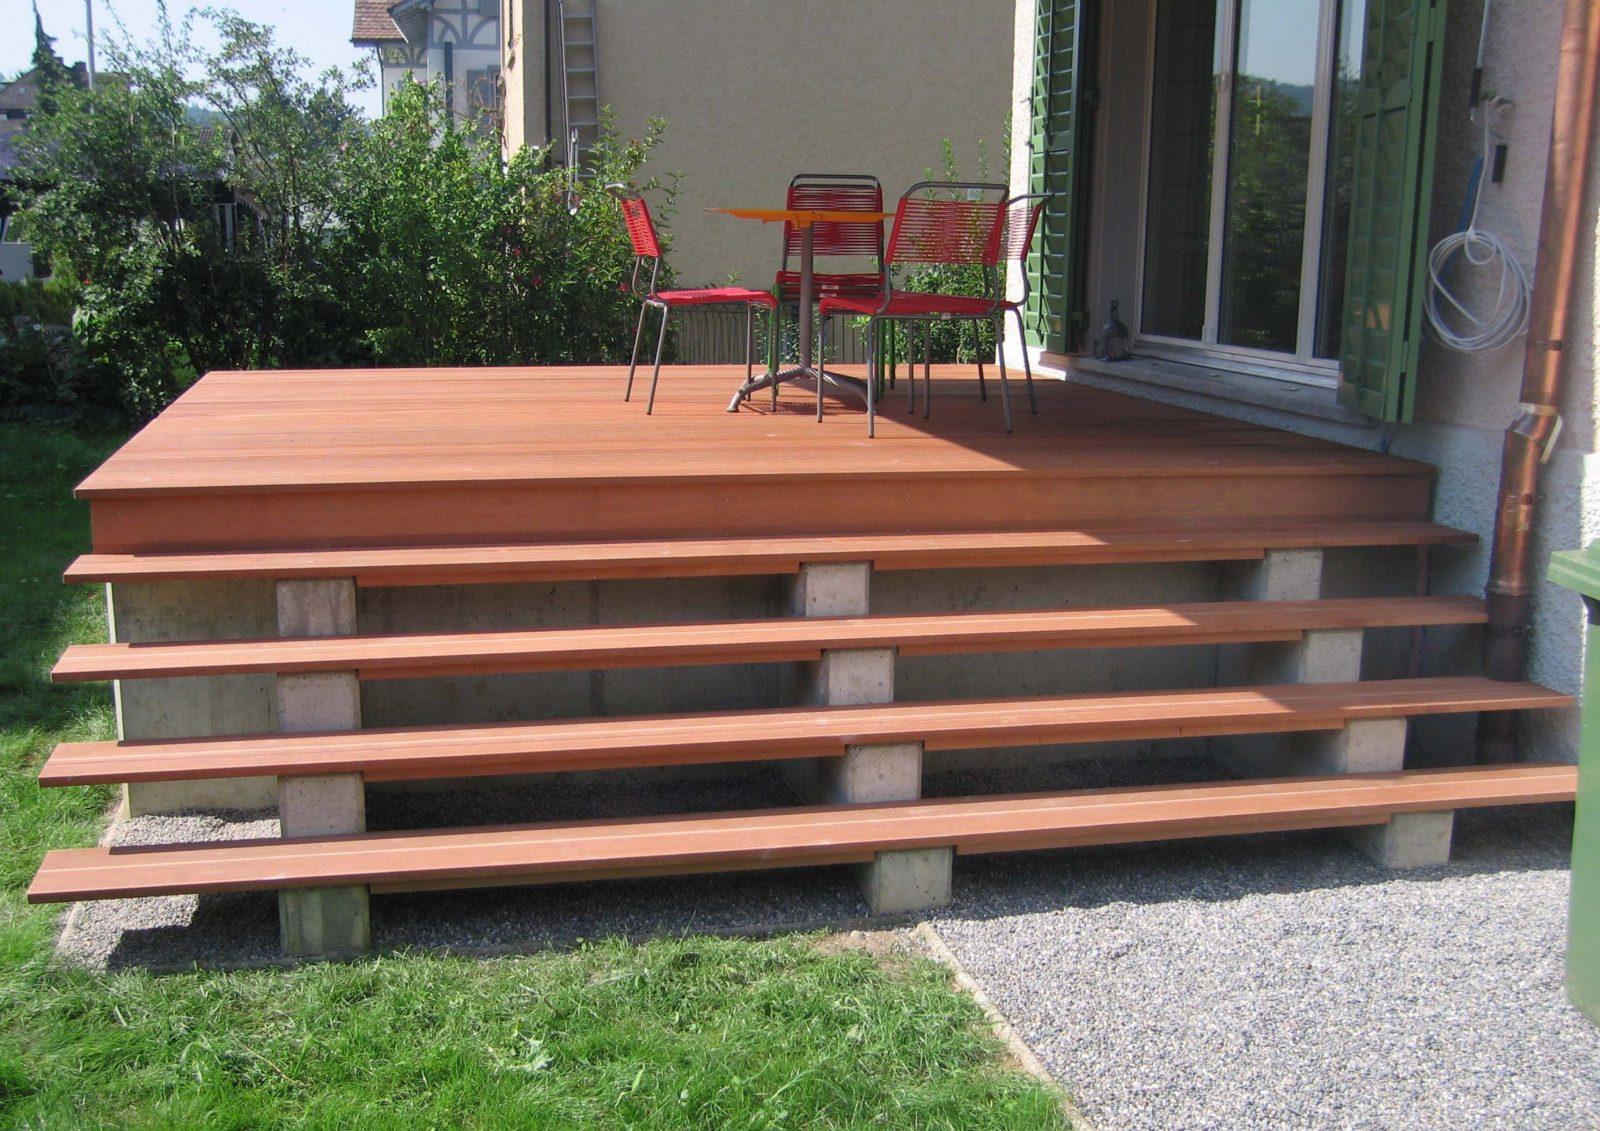 Geschlossene Treppe Selber Bauen – Ottihaus Throughout Ausgezeichnet von Treppe Holz Selber Bauen Bild